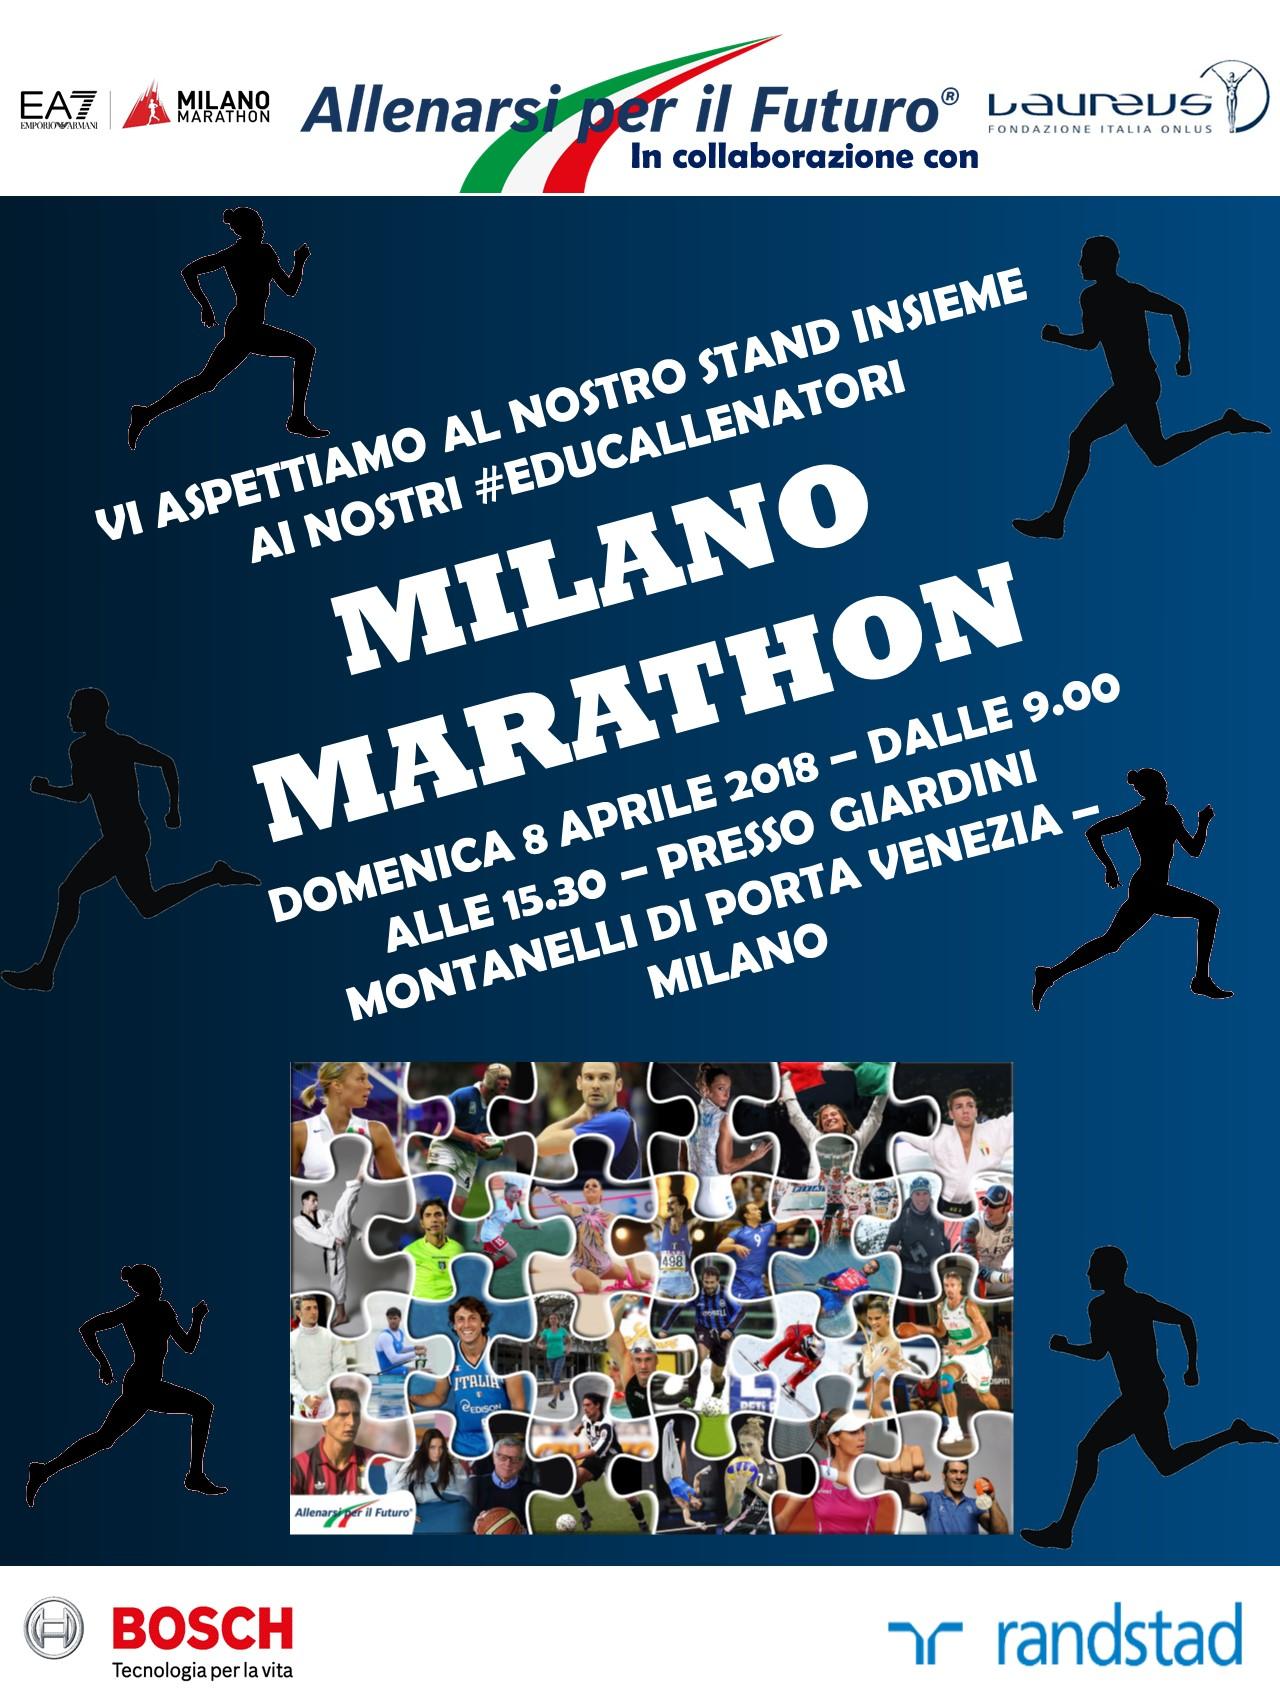 Bosch corre alla Milano Marathon, Allenarsi per il Futuro sostiene ONLUS Laureus